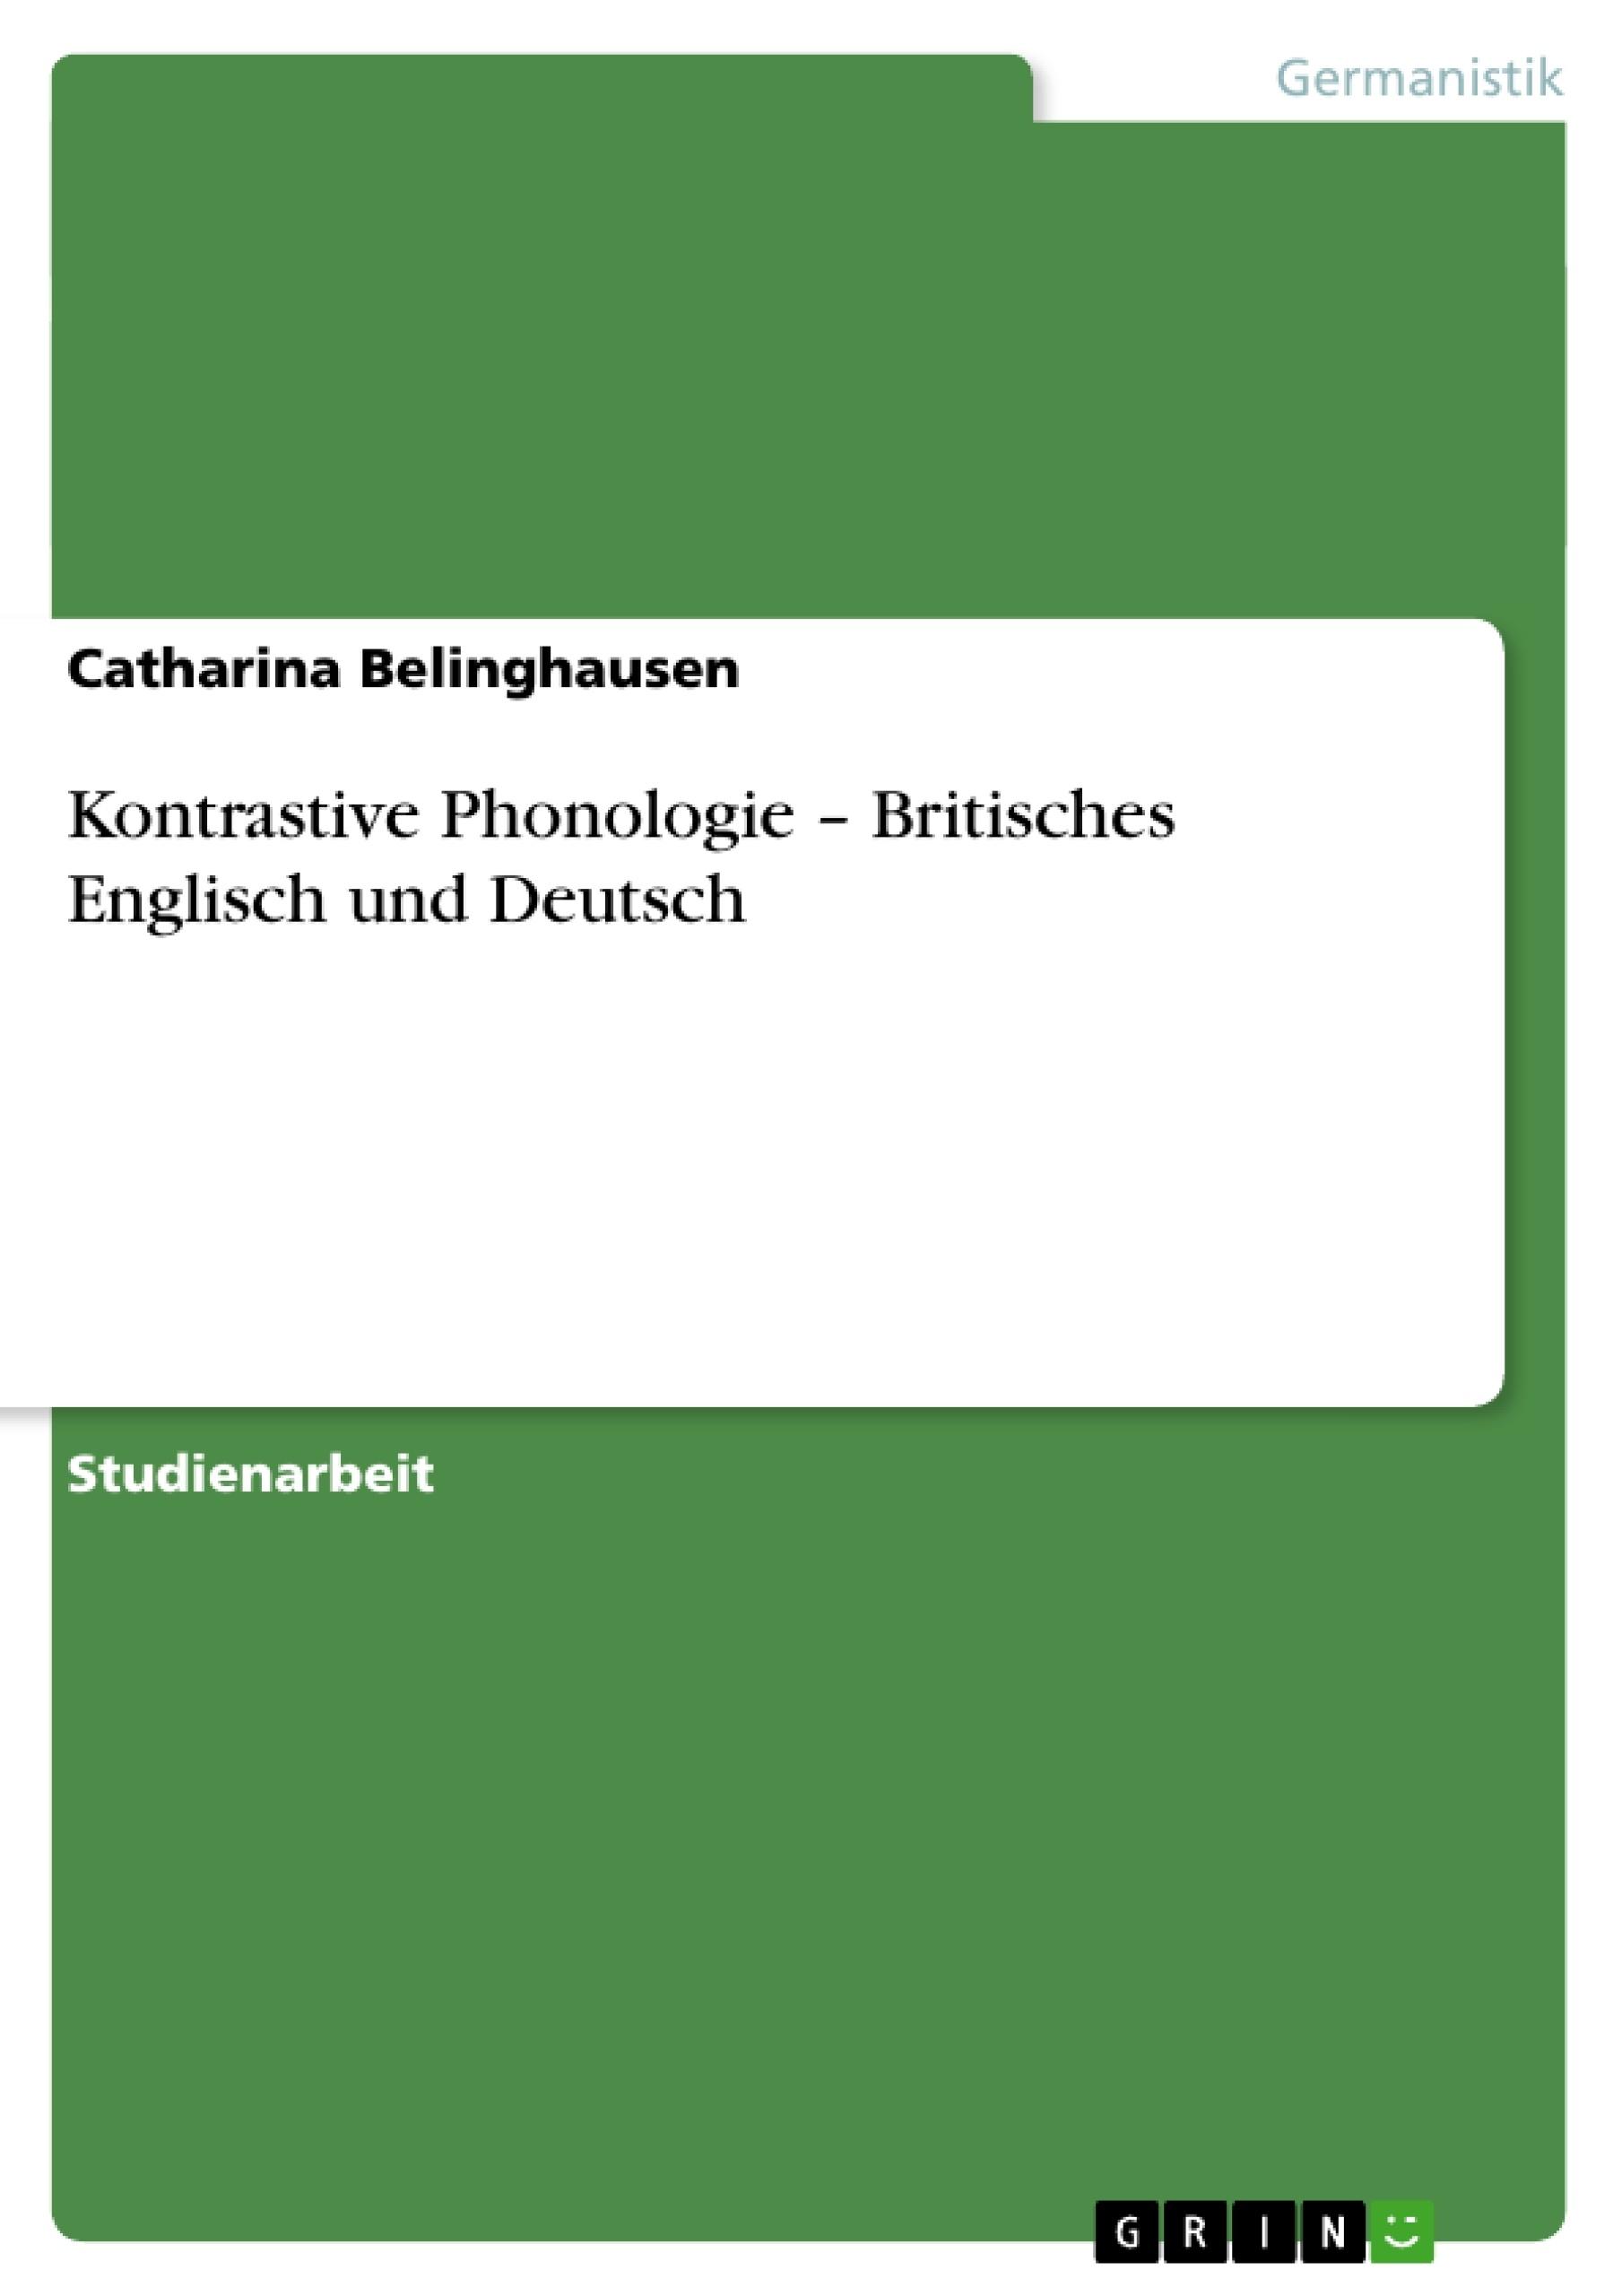 Titel: Kontrastive Phonologie – Britisches Englisch und Deutsch